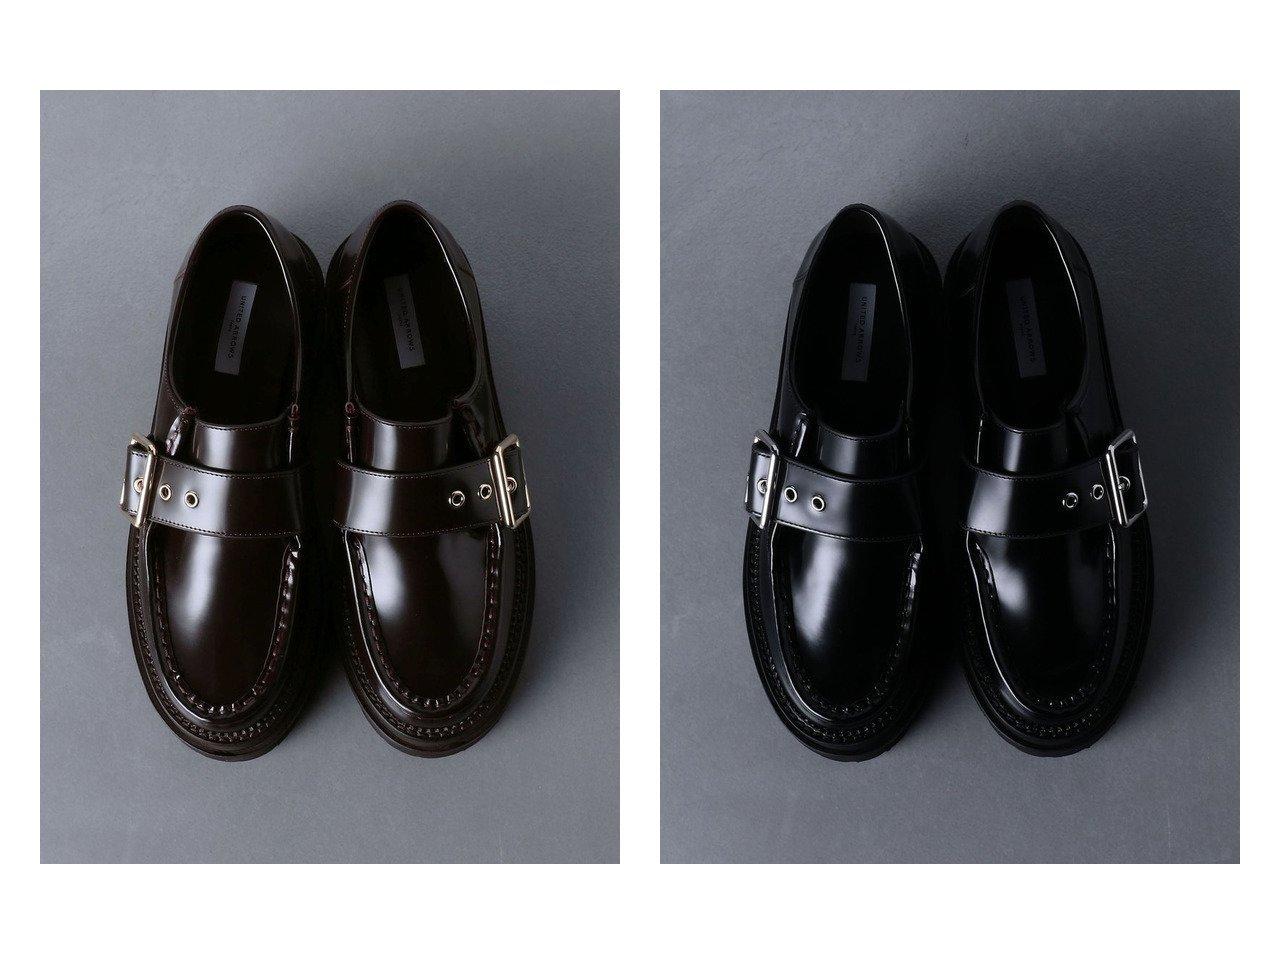 【UNITED ARROWS/ユナイテッドアローズ】のUWMSC モンクストラップ シューズ シューズ・靴のおすすめ!人気、トレンド・レディースファッションの通販 おすすめで人気の流行・トレンド、ファッションの通販商品 メンズファッション・キッズファッション・インテリア・家具・レディースファッション・服の通販 founy(ファニー) https://founy.com/ ファッション Fashion レディースファッション WOMEN ワンピース Dress ドレス Party Dresses シューズ ドレス ラップ ワイド |ID:crp329100000009793